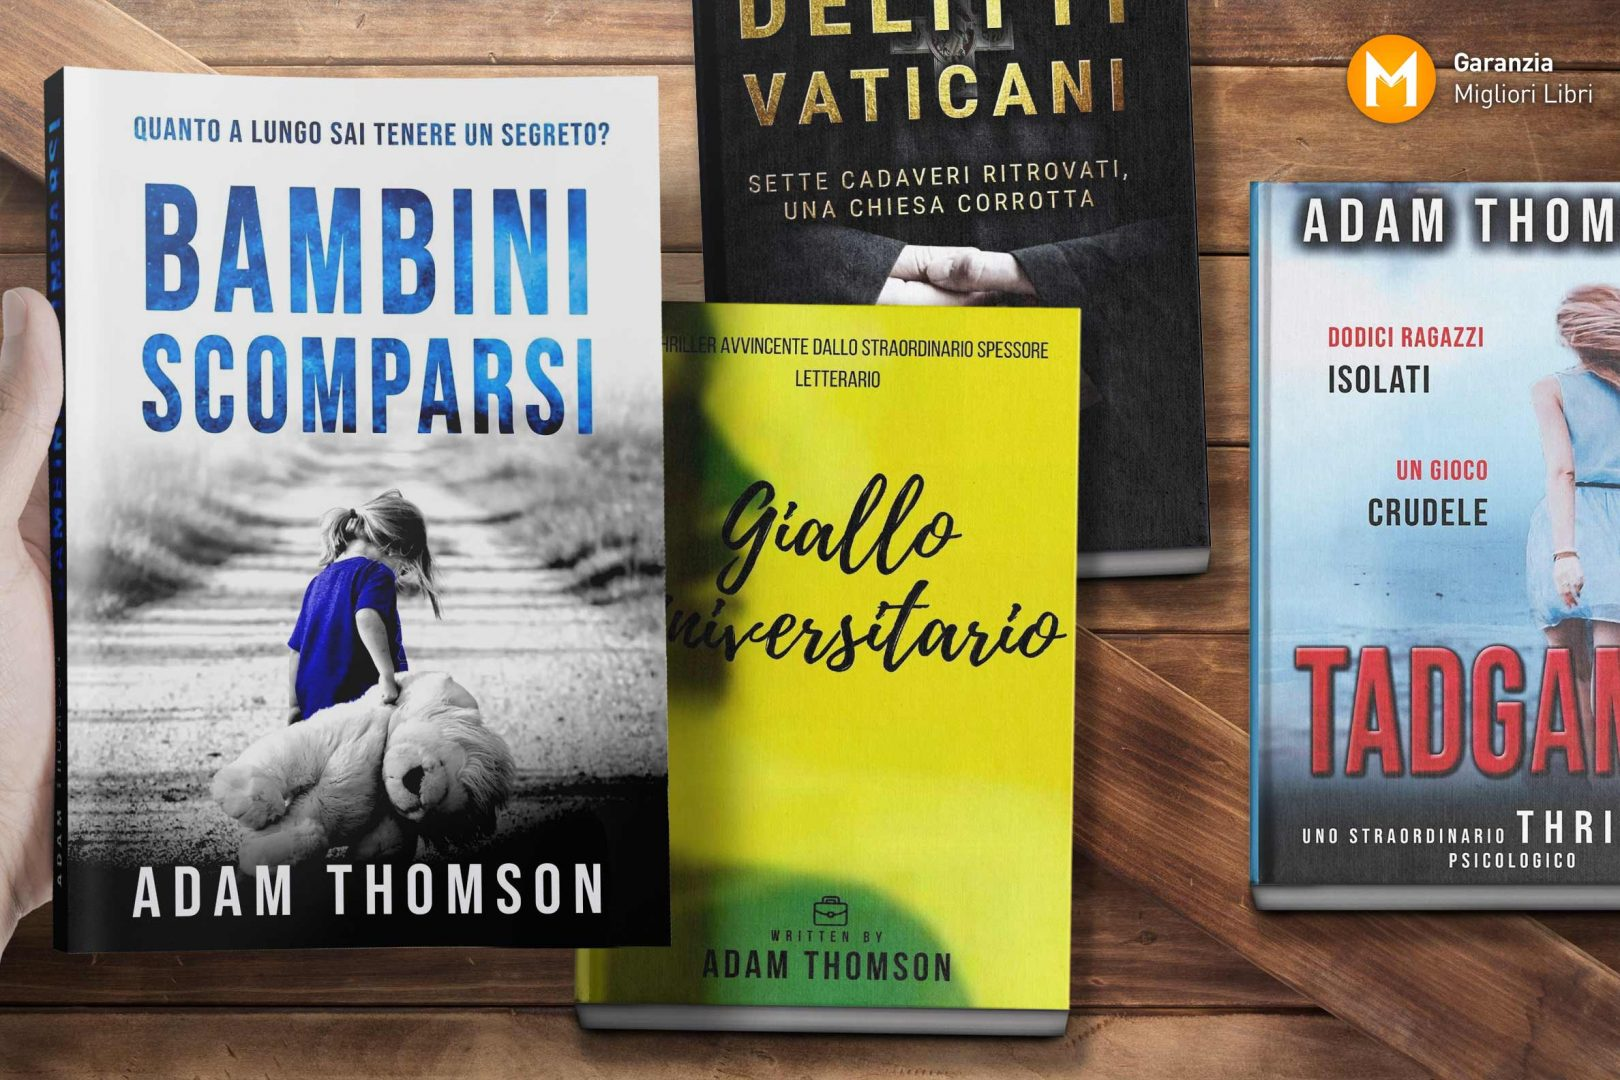 adam-thomson-libri